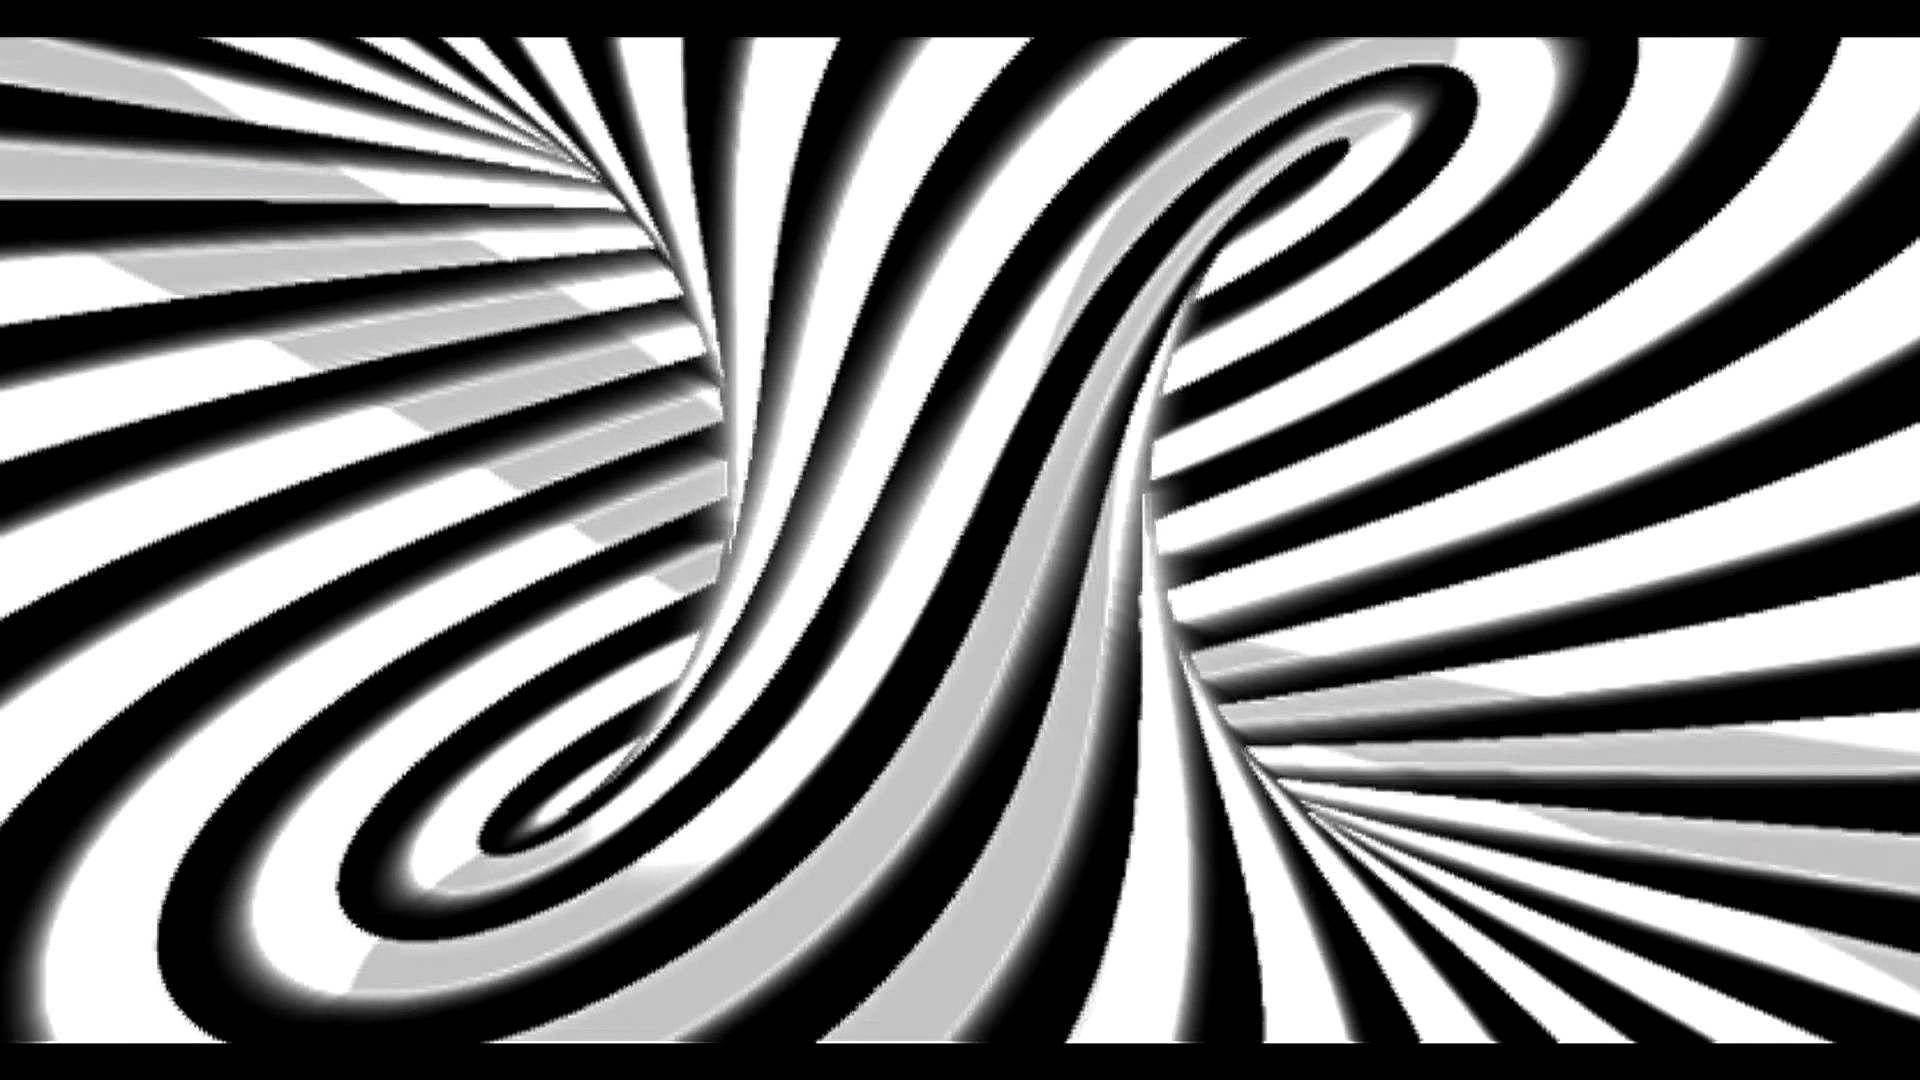 cool moving illusion backgrounds | ololoshenka | pinterest | illusions